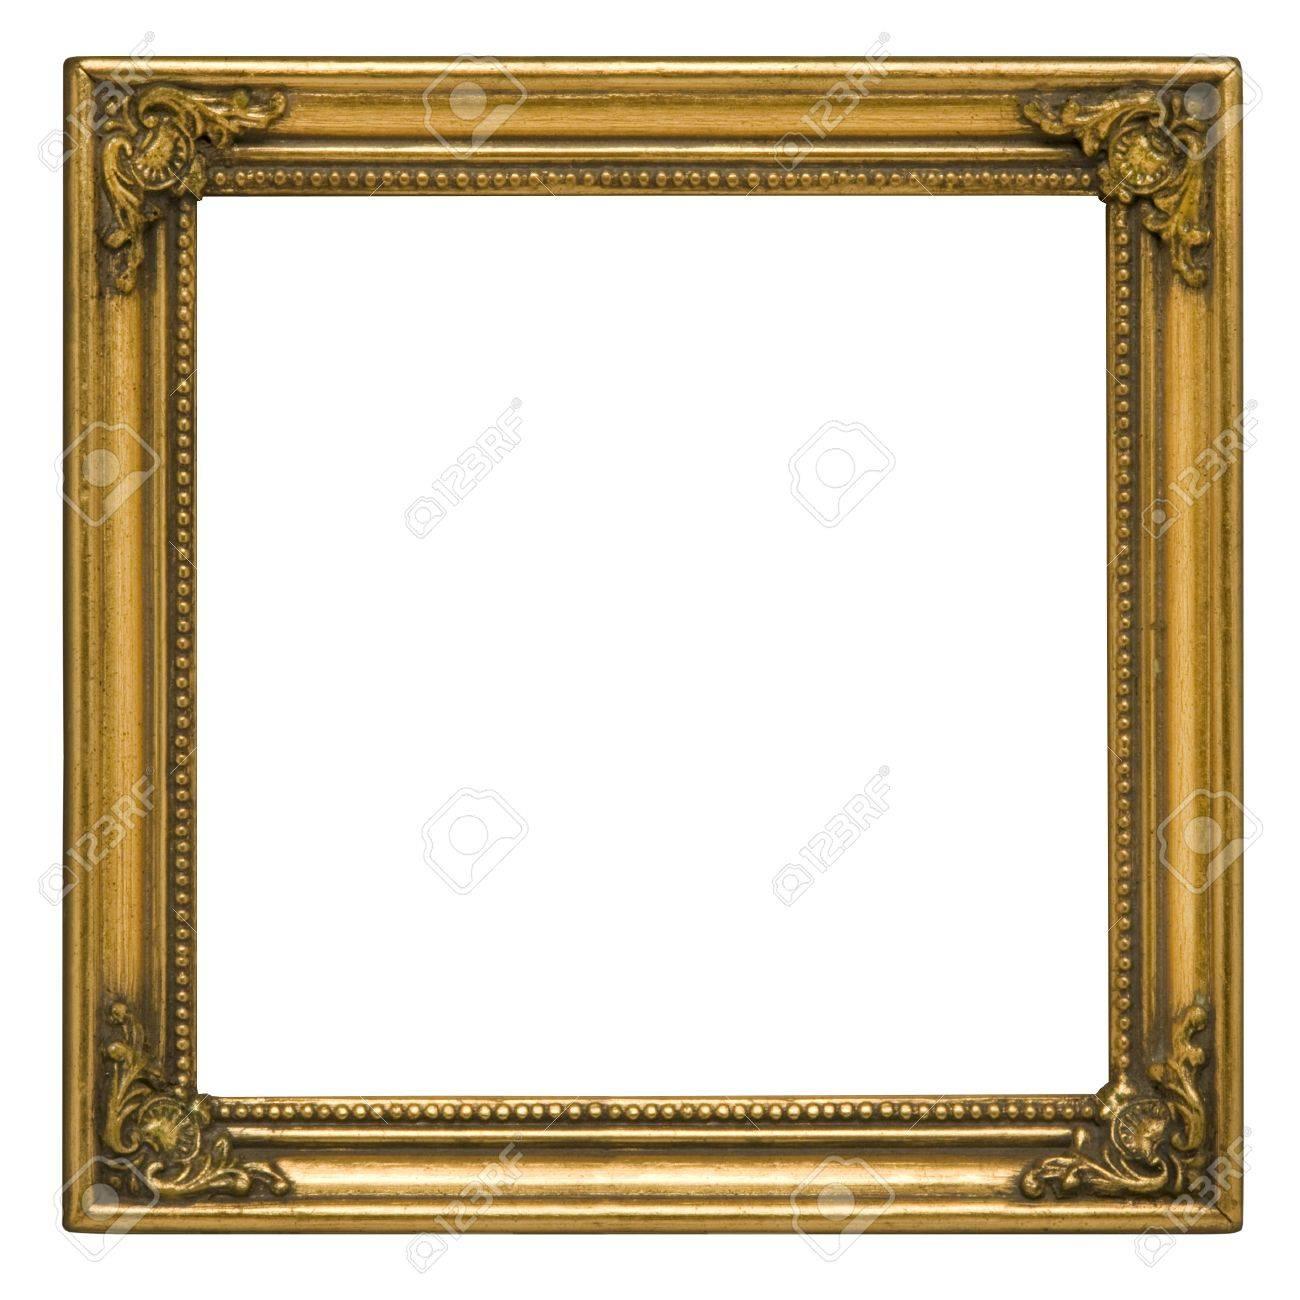 antique quadratischen bilderrahmen bemalt gold vor weißem